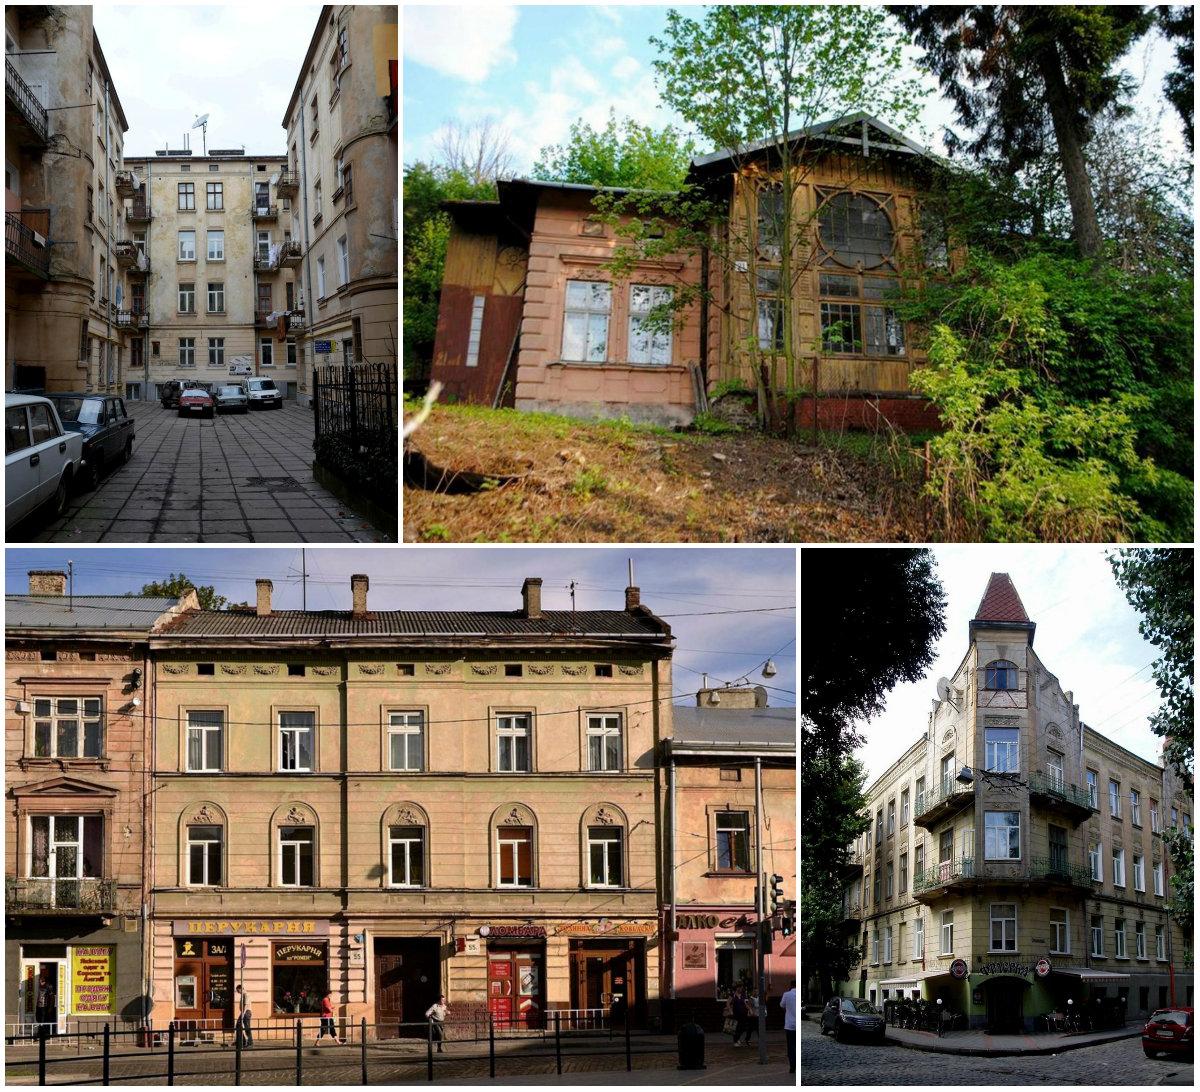 10 найцікавіших архітектурних проектів Генрика Сальвера • Фотографії ... 90e5e9da95dac